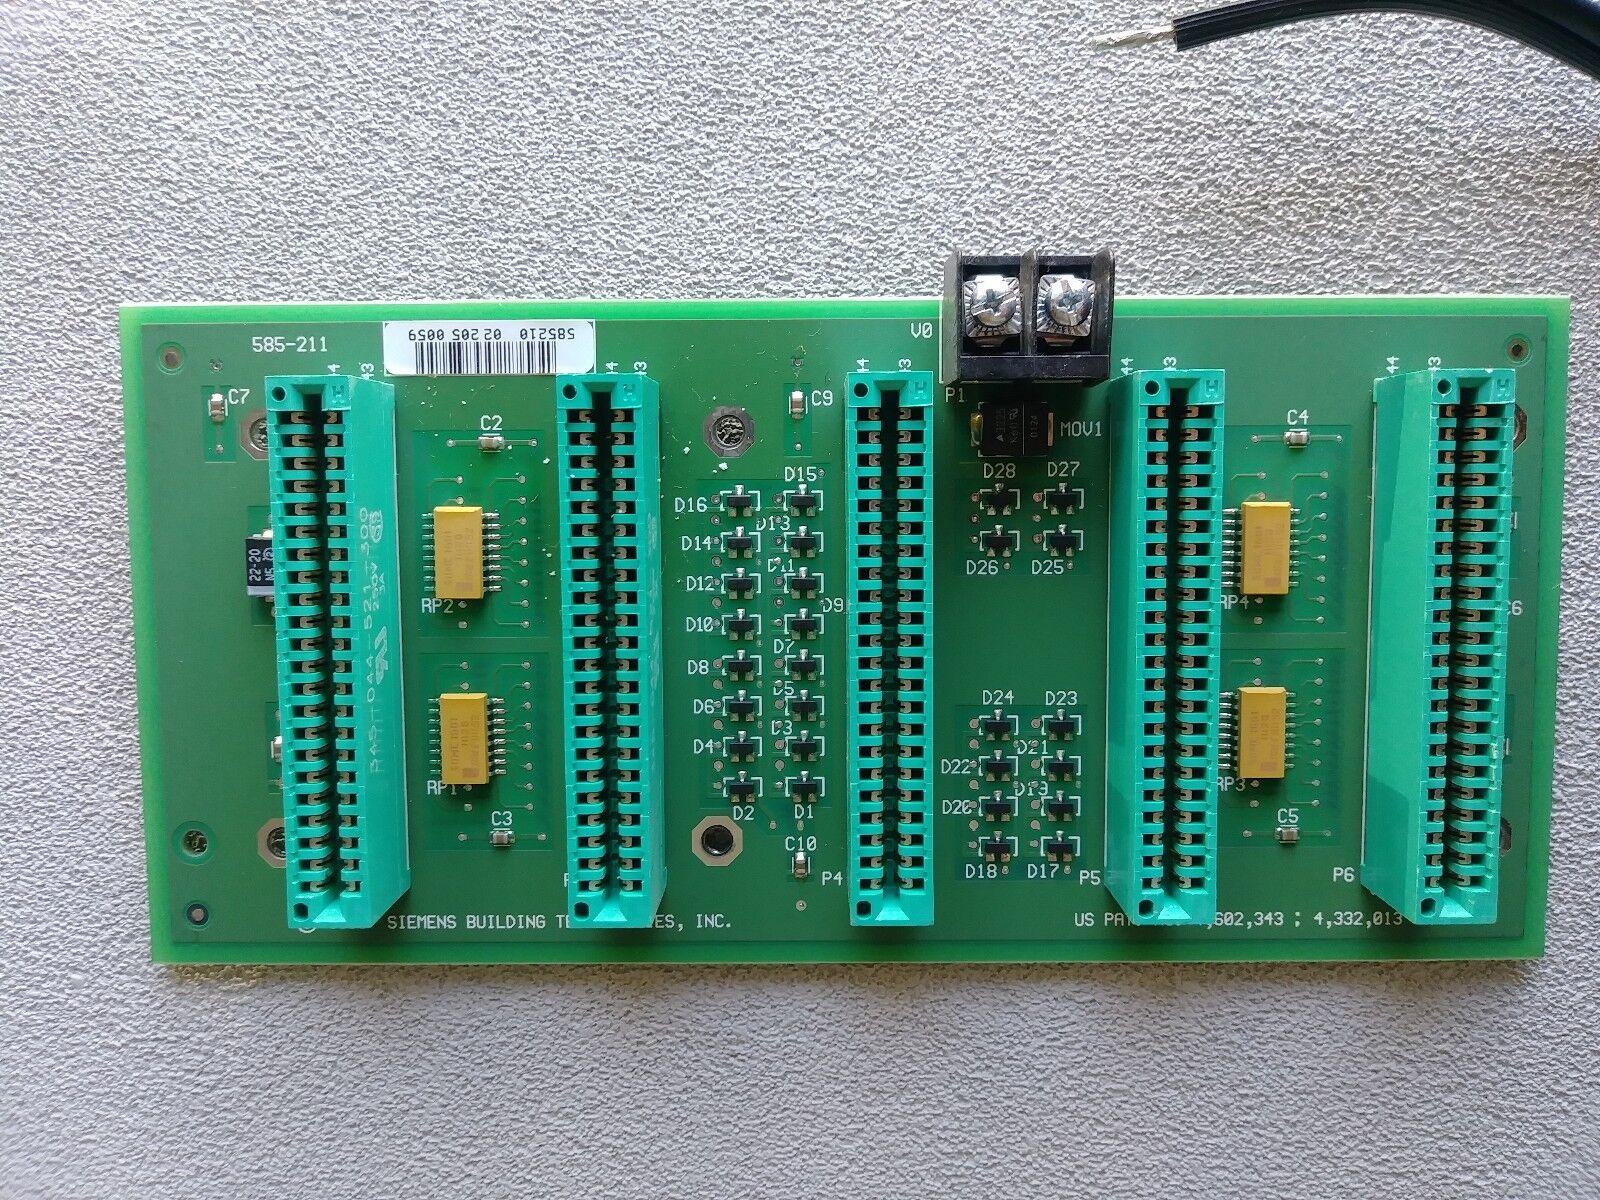 SIEMENS 585-211 PCB control board